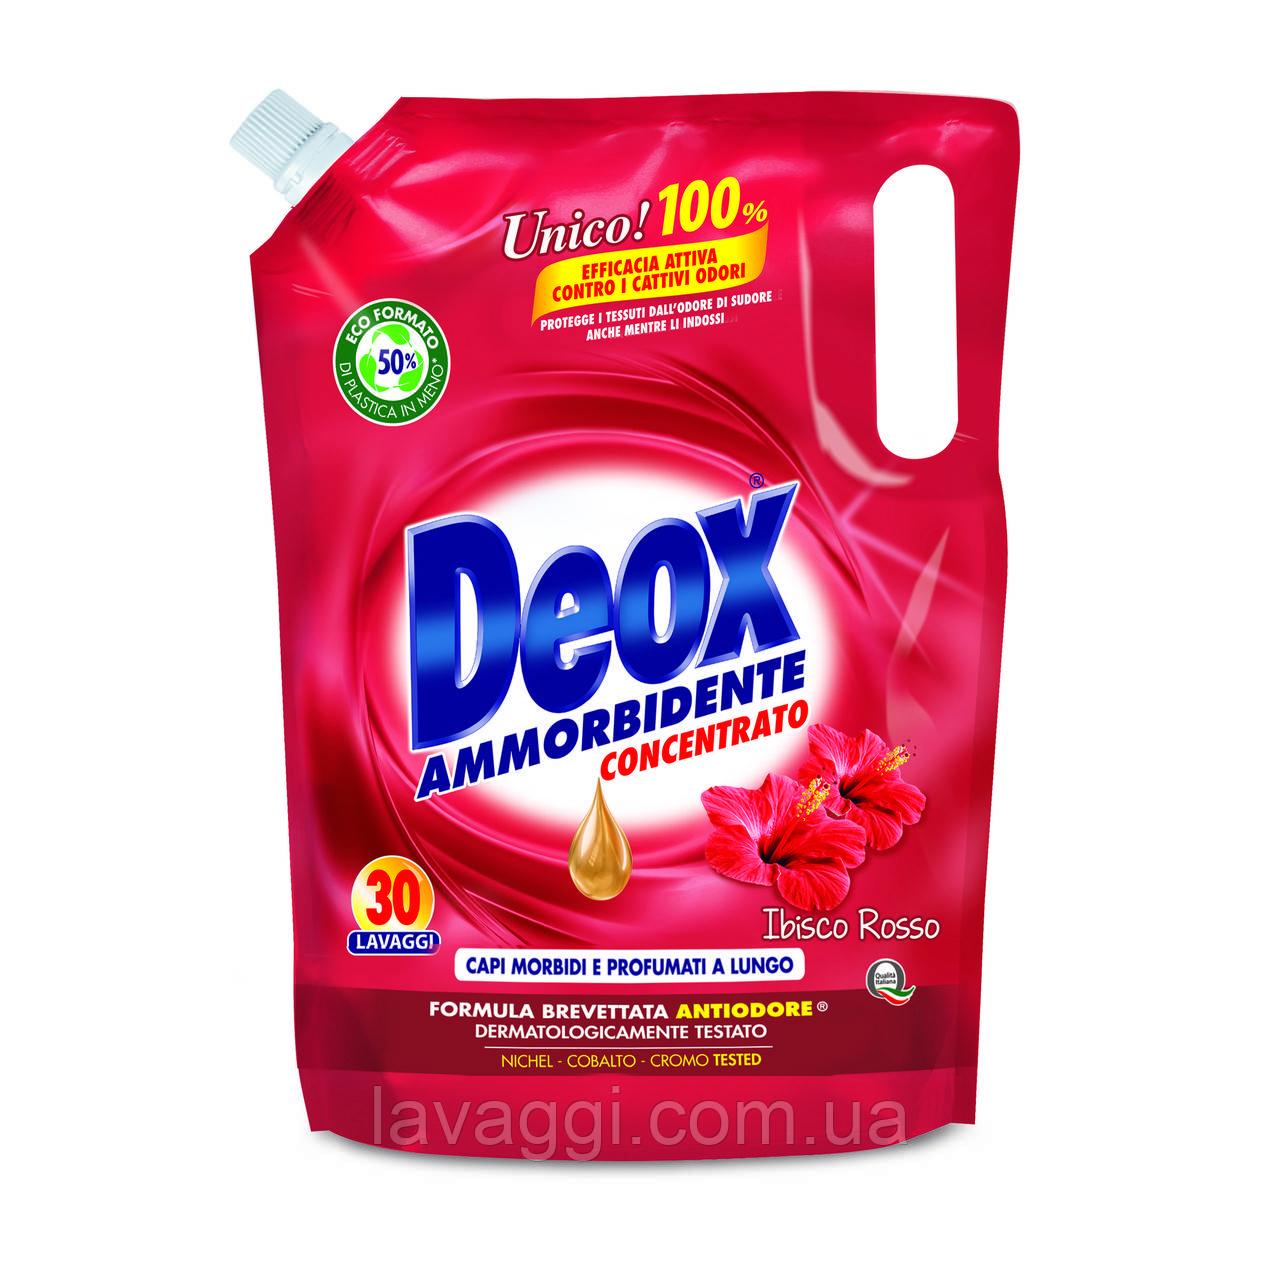 Кондиционер-ополаскиватель для белья концентрированный Deox Ammorbidente Ibisco Rosso Ecoformato 750 ml